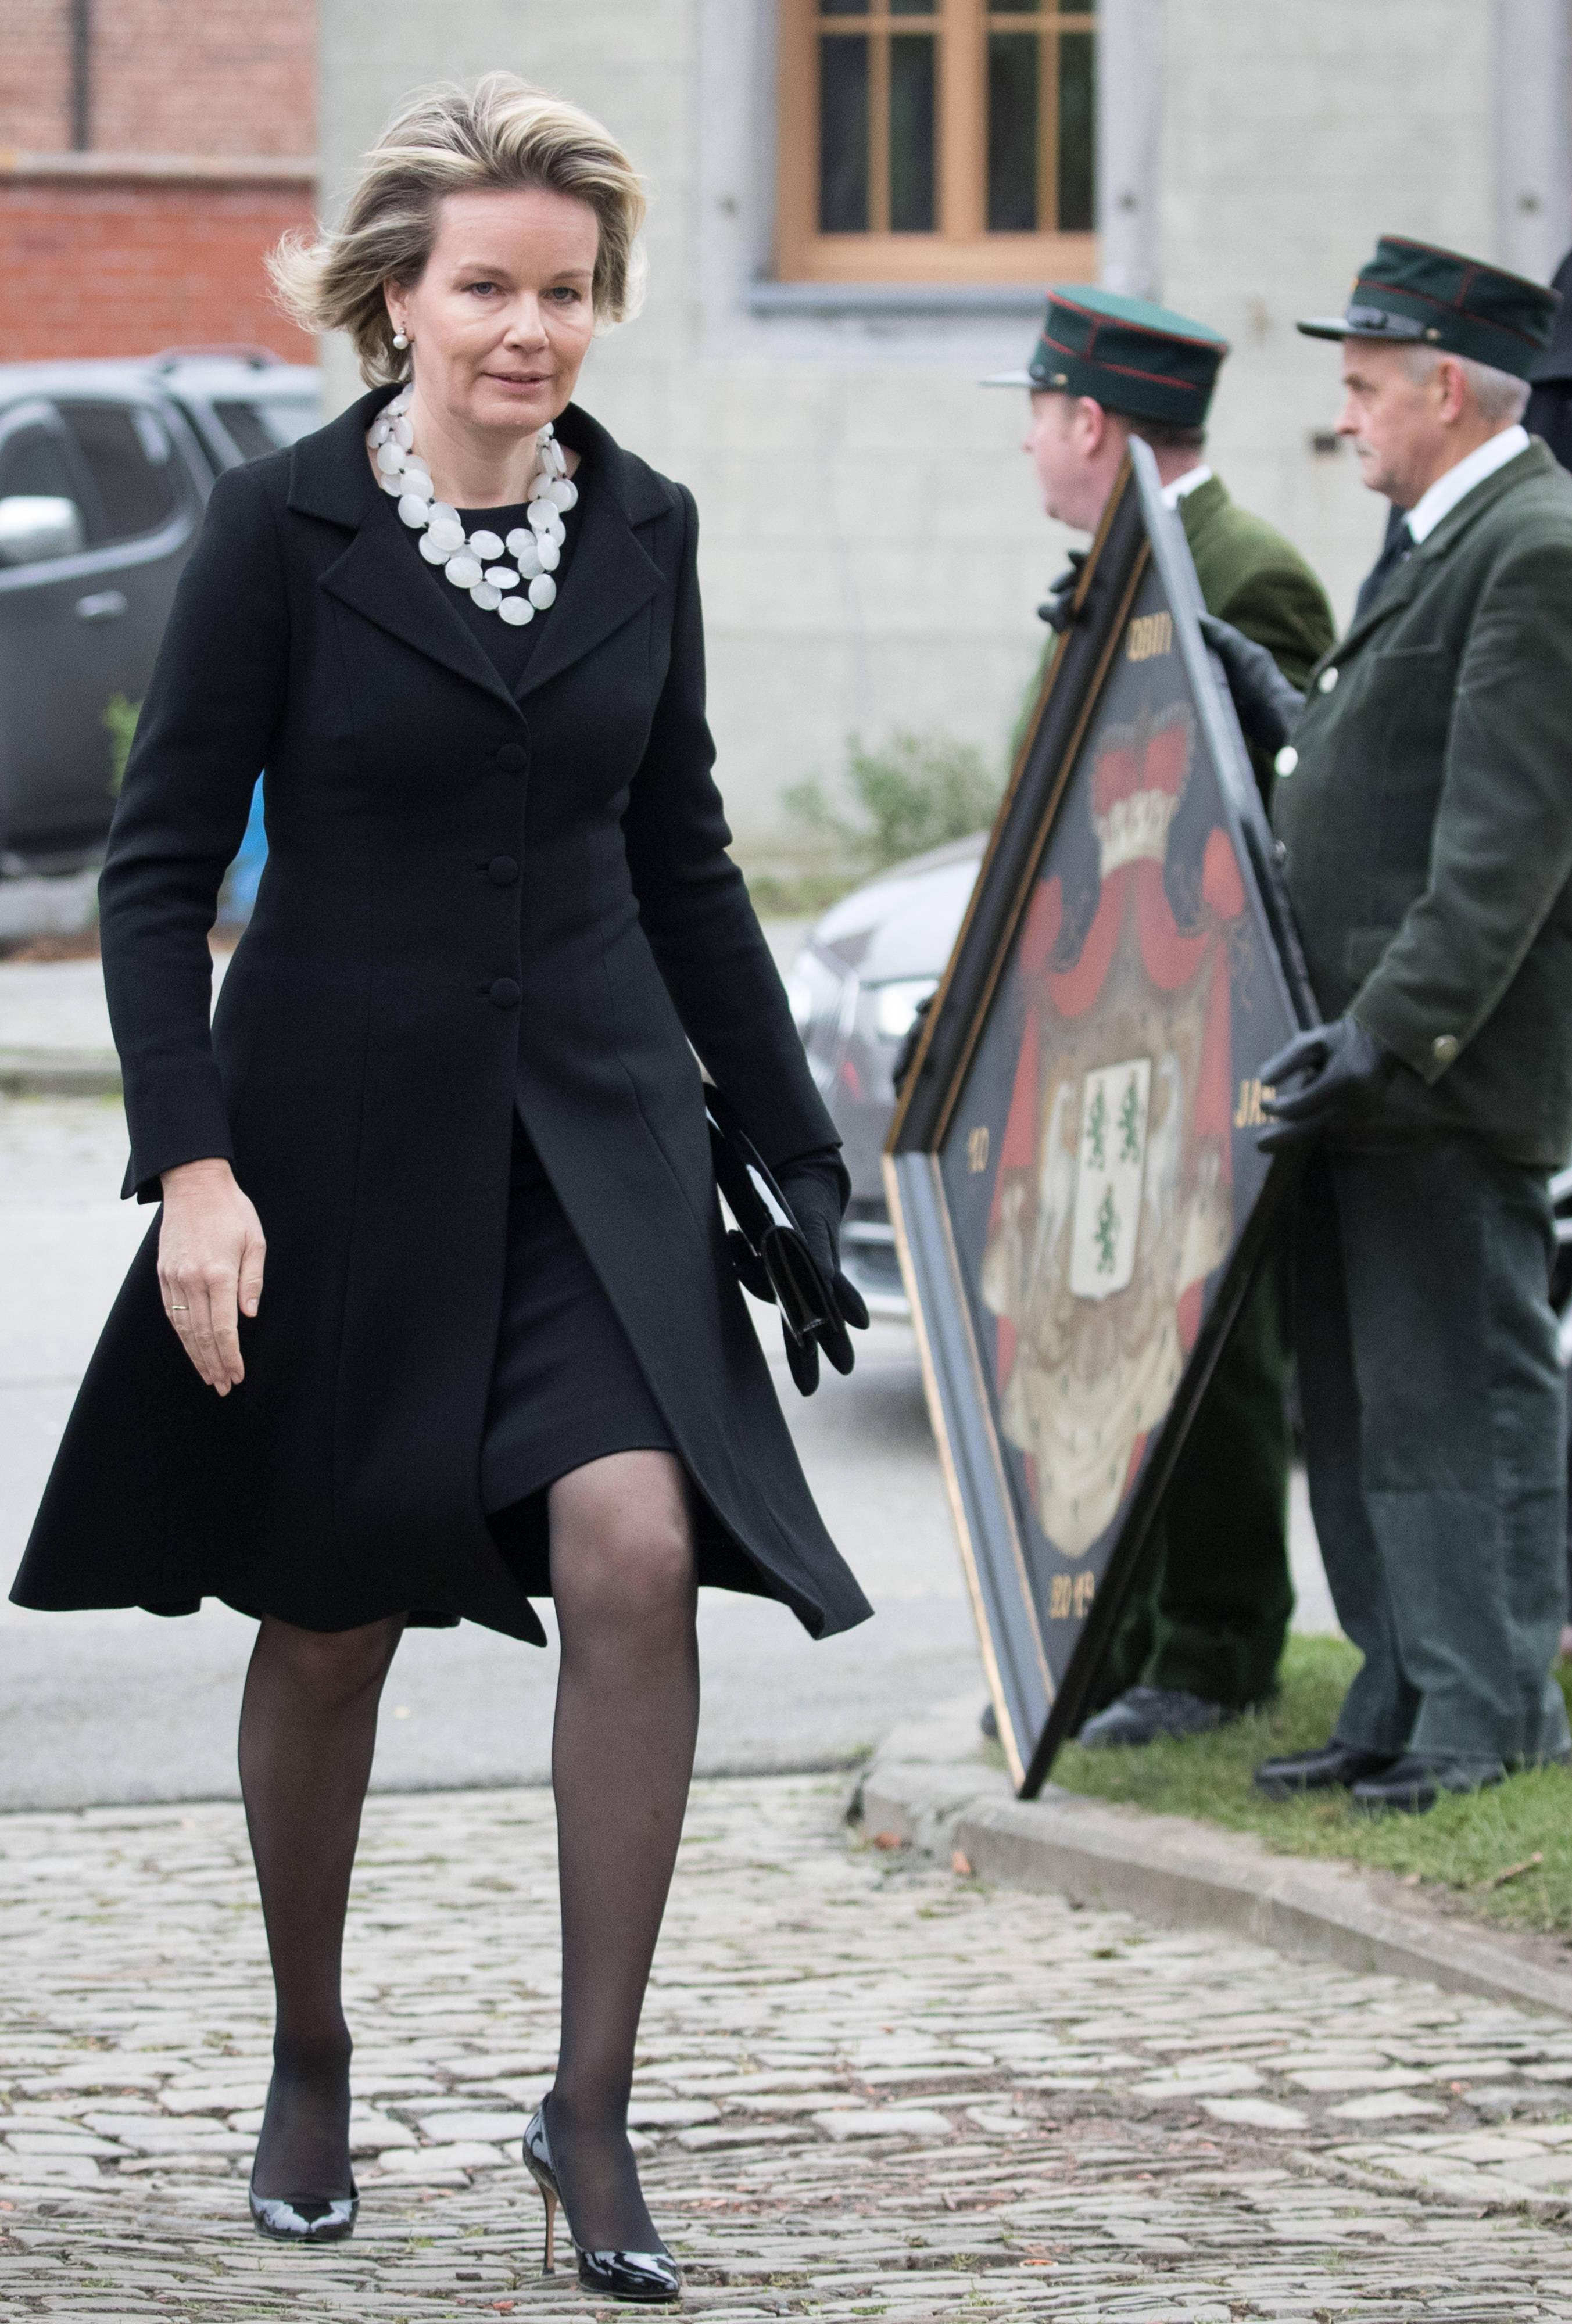 Auch Königin Mathilde ist zur Beerdigung gekommen.